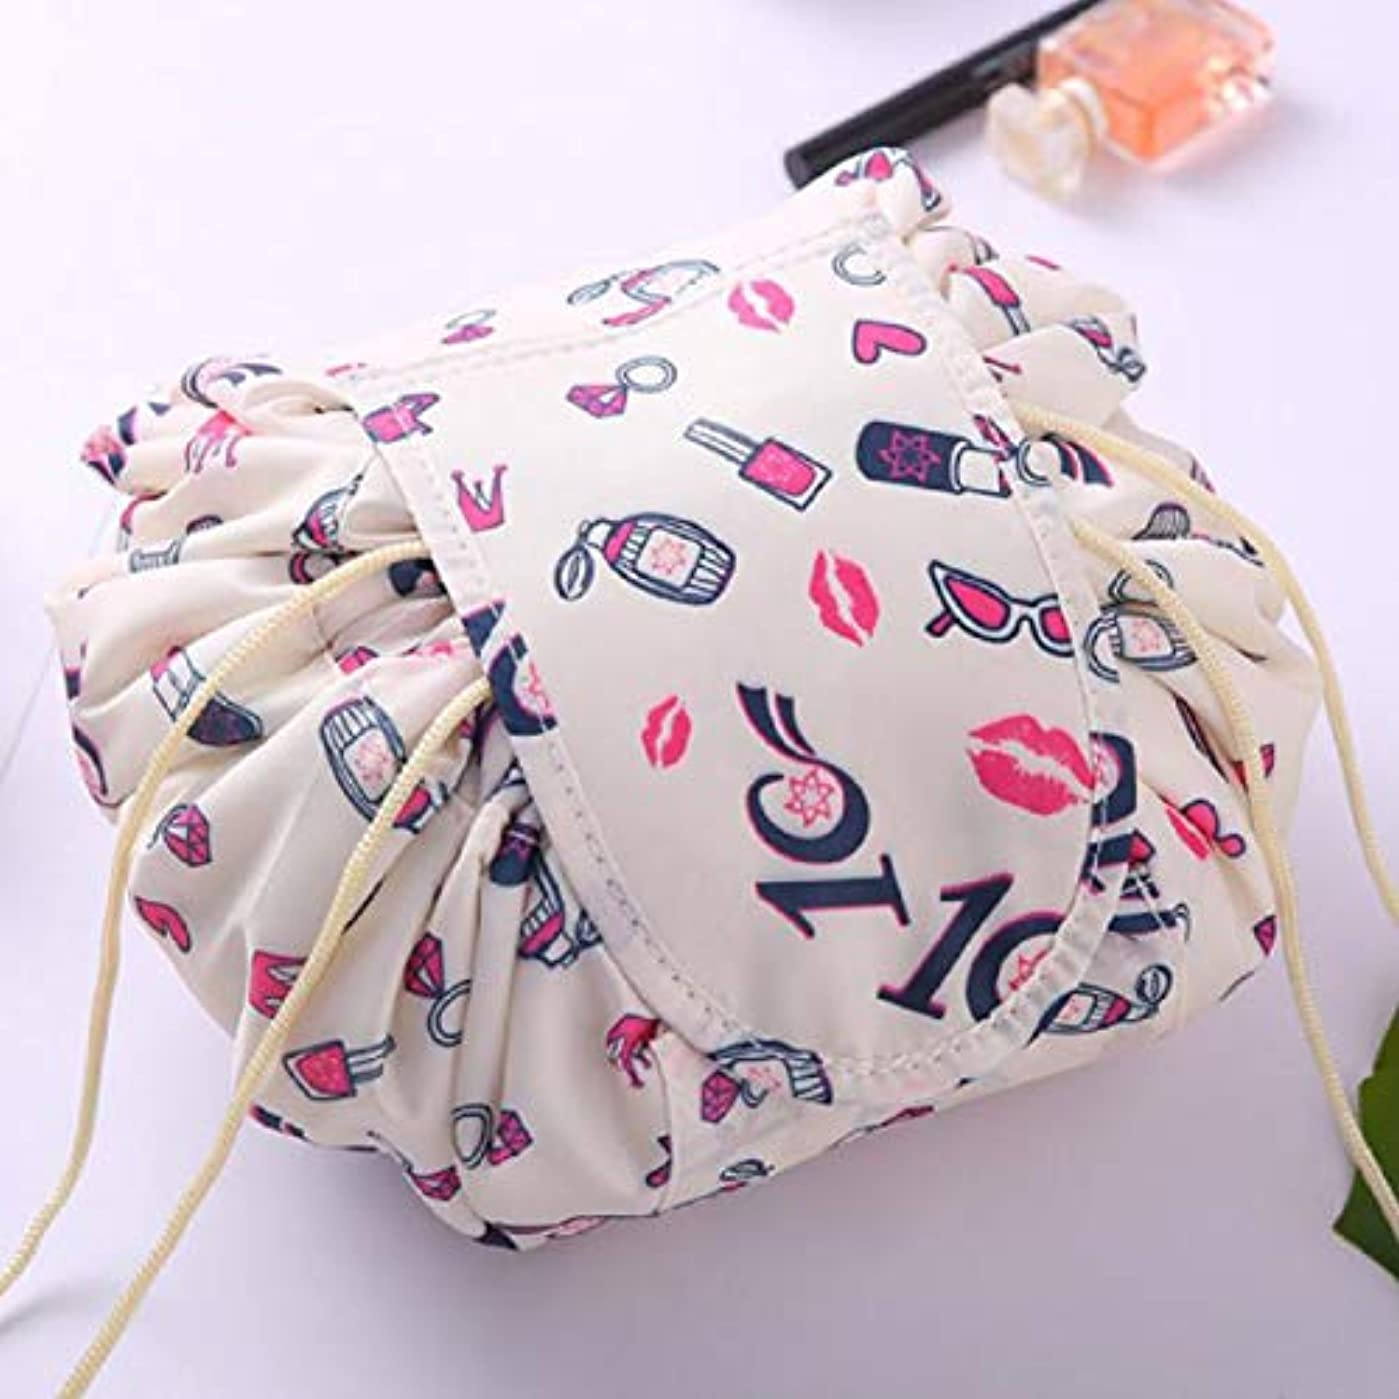 上へ凶暴な注釈Quzama-JS 満足新しい女性ユニコーン化粧品バッグニモロープロープ化粧品プロフェッショナルプロケースケース旅行rtifactラッカーバンドルバッグ